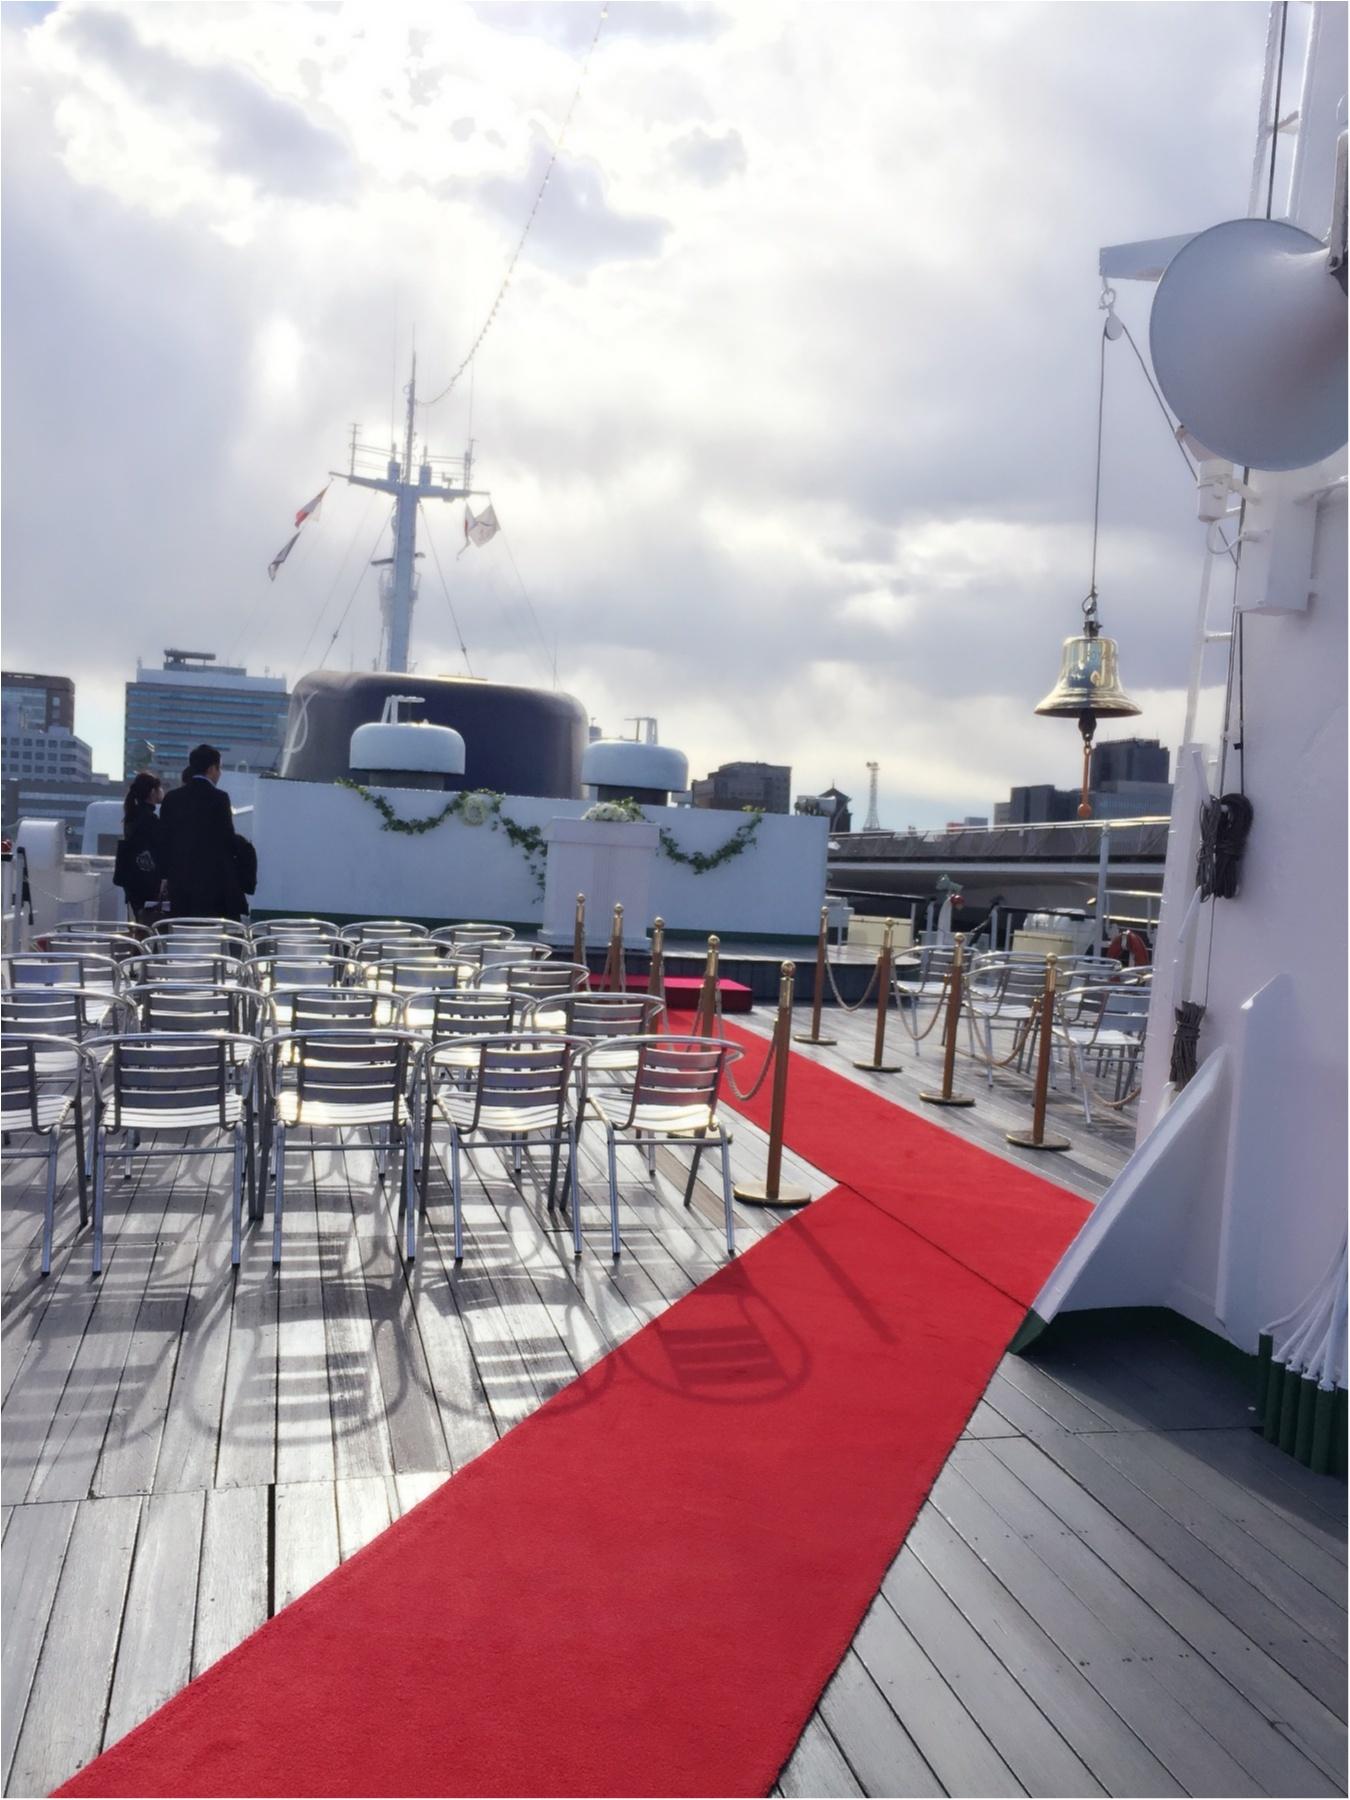 船上ウェディングで人とは違う結婚式をしてみませんか⁇憧れのロイヤルウイングでブライダルフェアに参加してきました(*'ω'*)〜ドレス・会場編〜_3